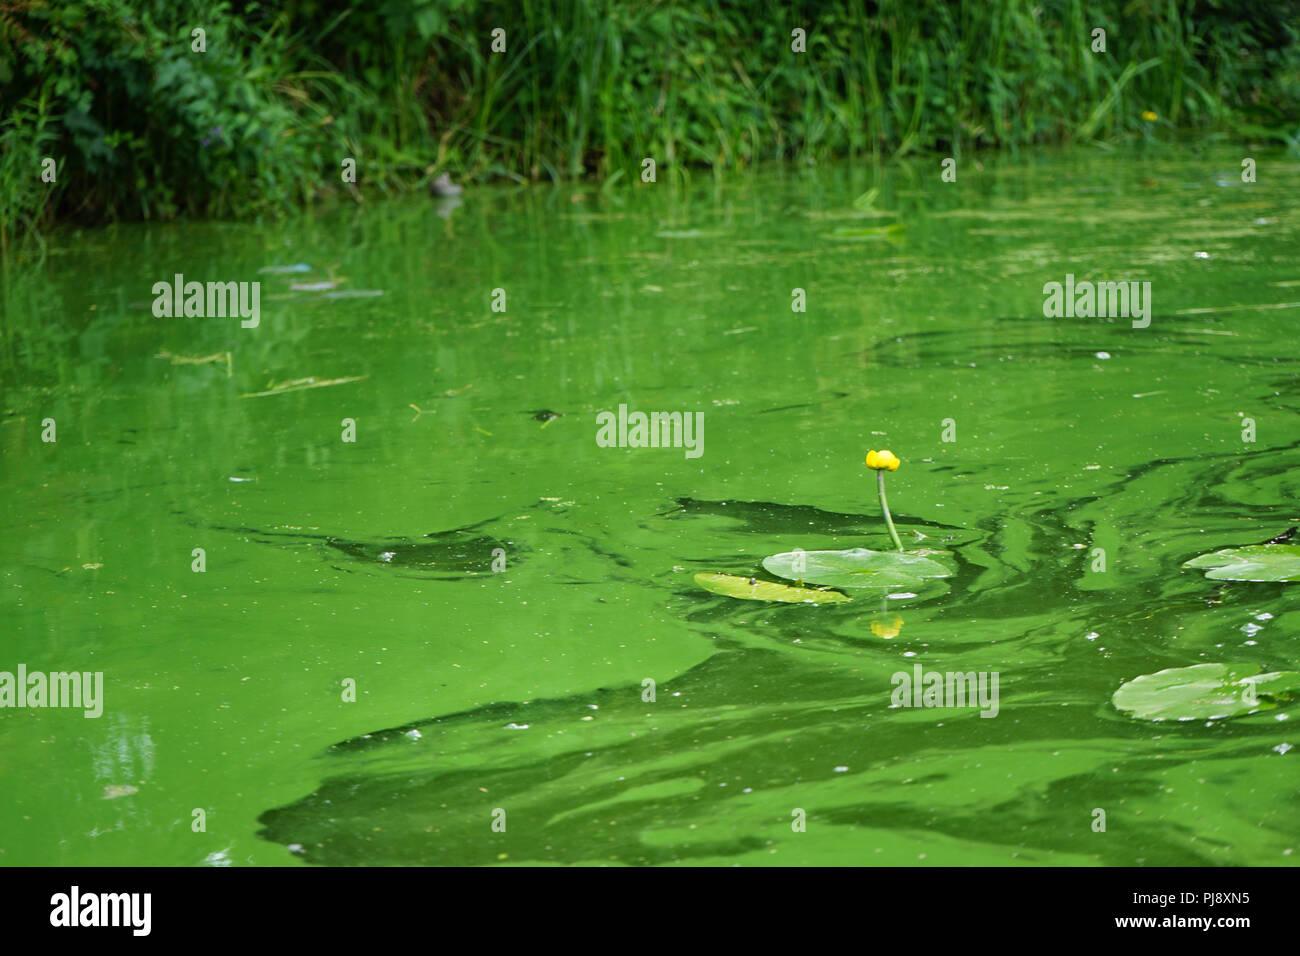 Grünalgen oder Chlorobionta, Gelbe Teichrose (Nuphar lutea) im Kanal von Klein-Venedig, Berlin, Deutschland Stockbild